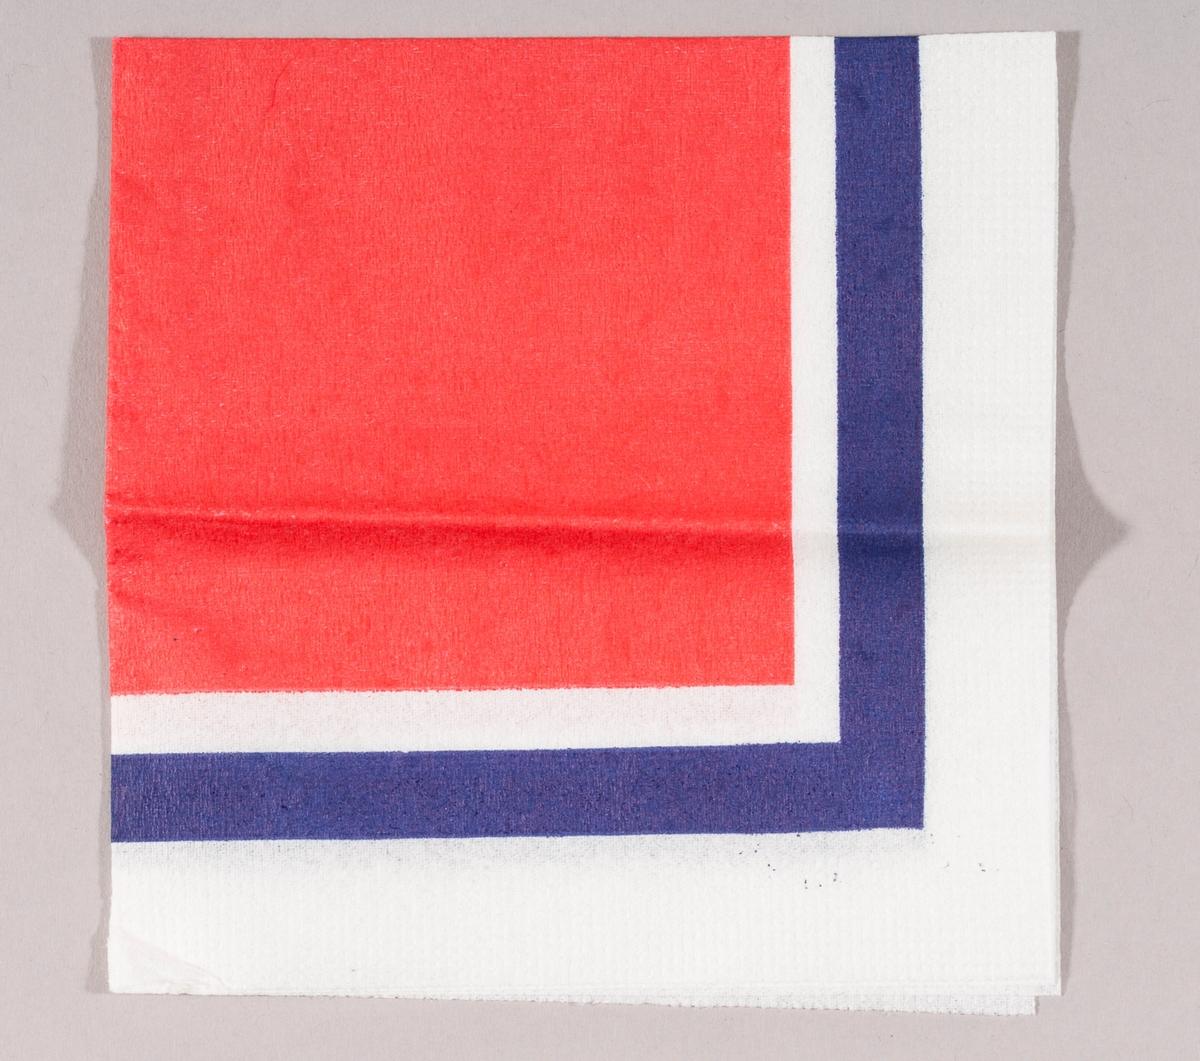 En rød firkant med en kant med blått og hvitt